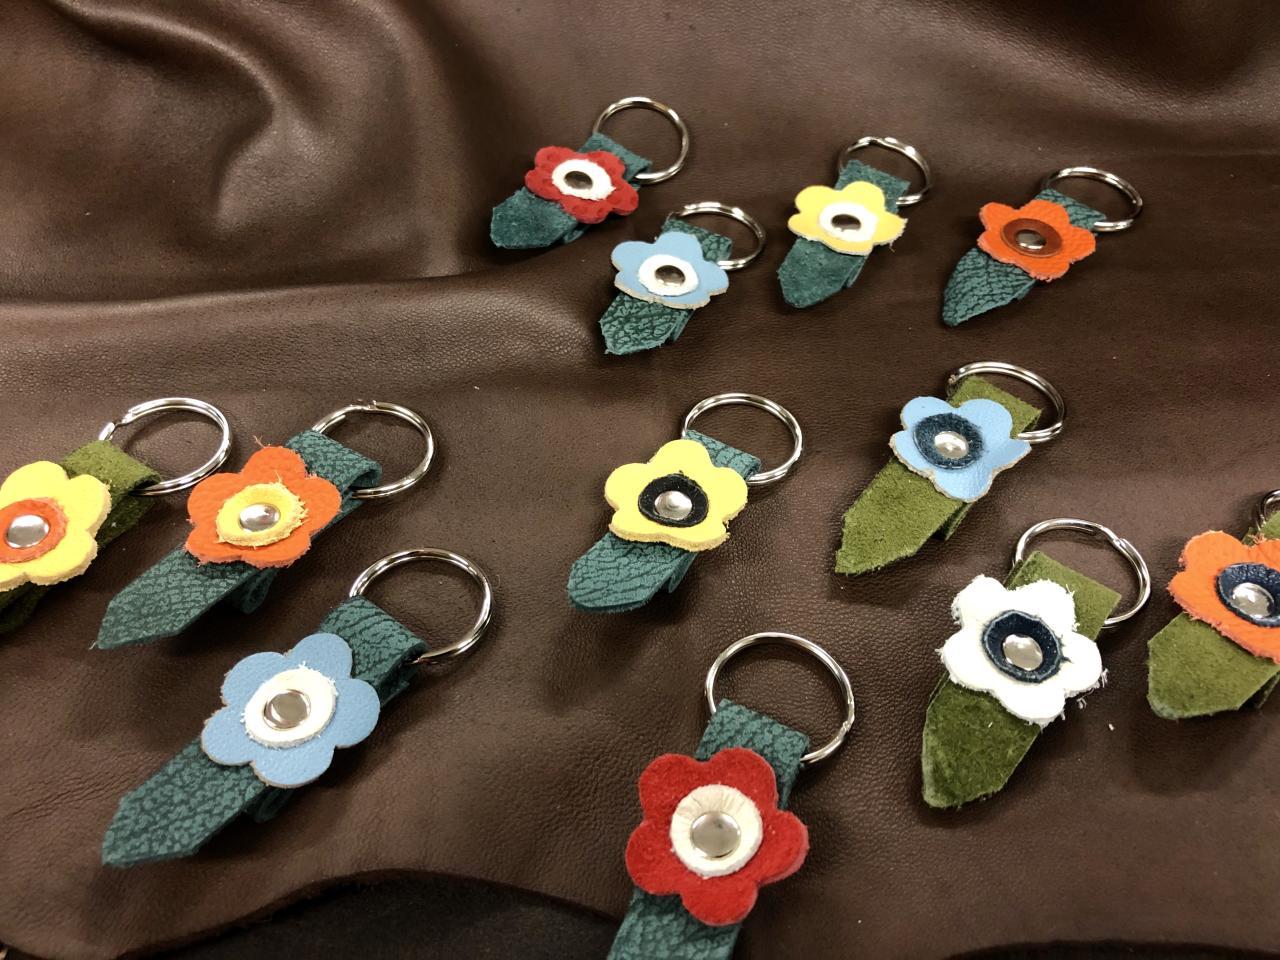 Erivärisistä nahoista tehtyjä kukan muotoisia avaimenperiä.